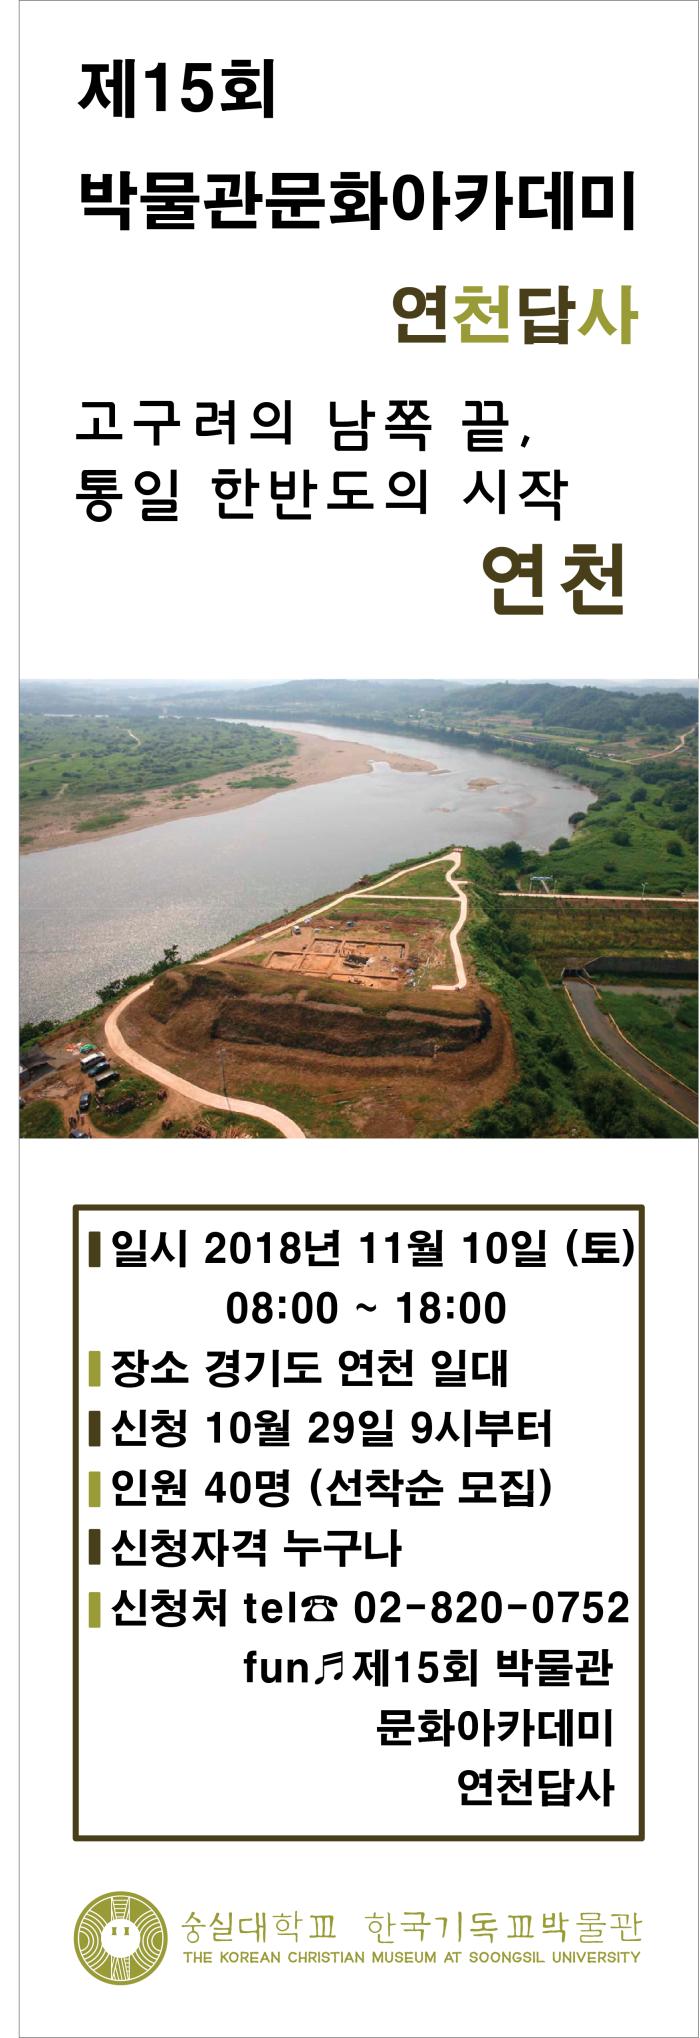 제15회박물관문화아카데미 엑스배너(600x1800) 사진수정